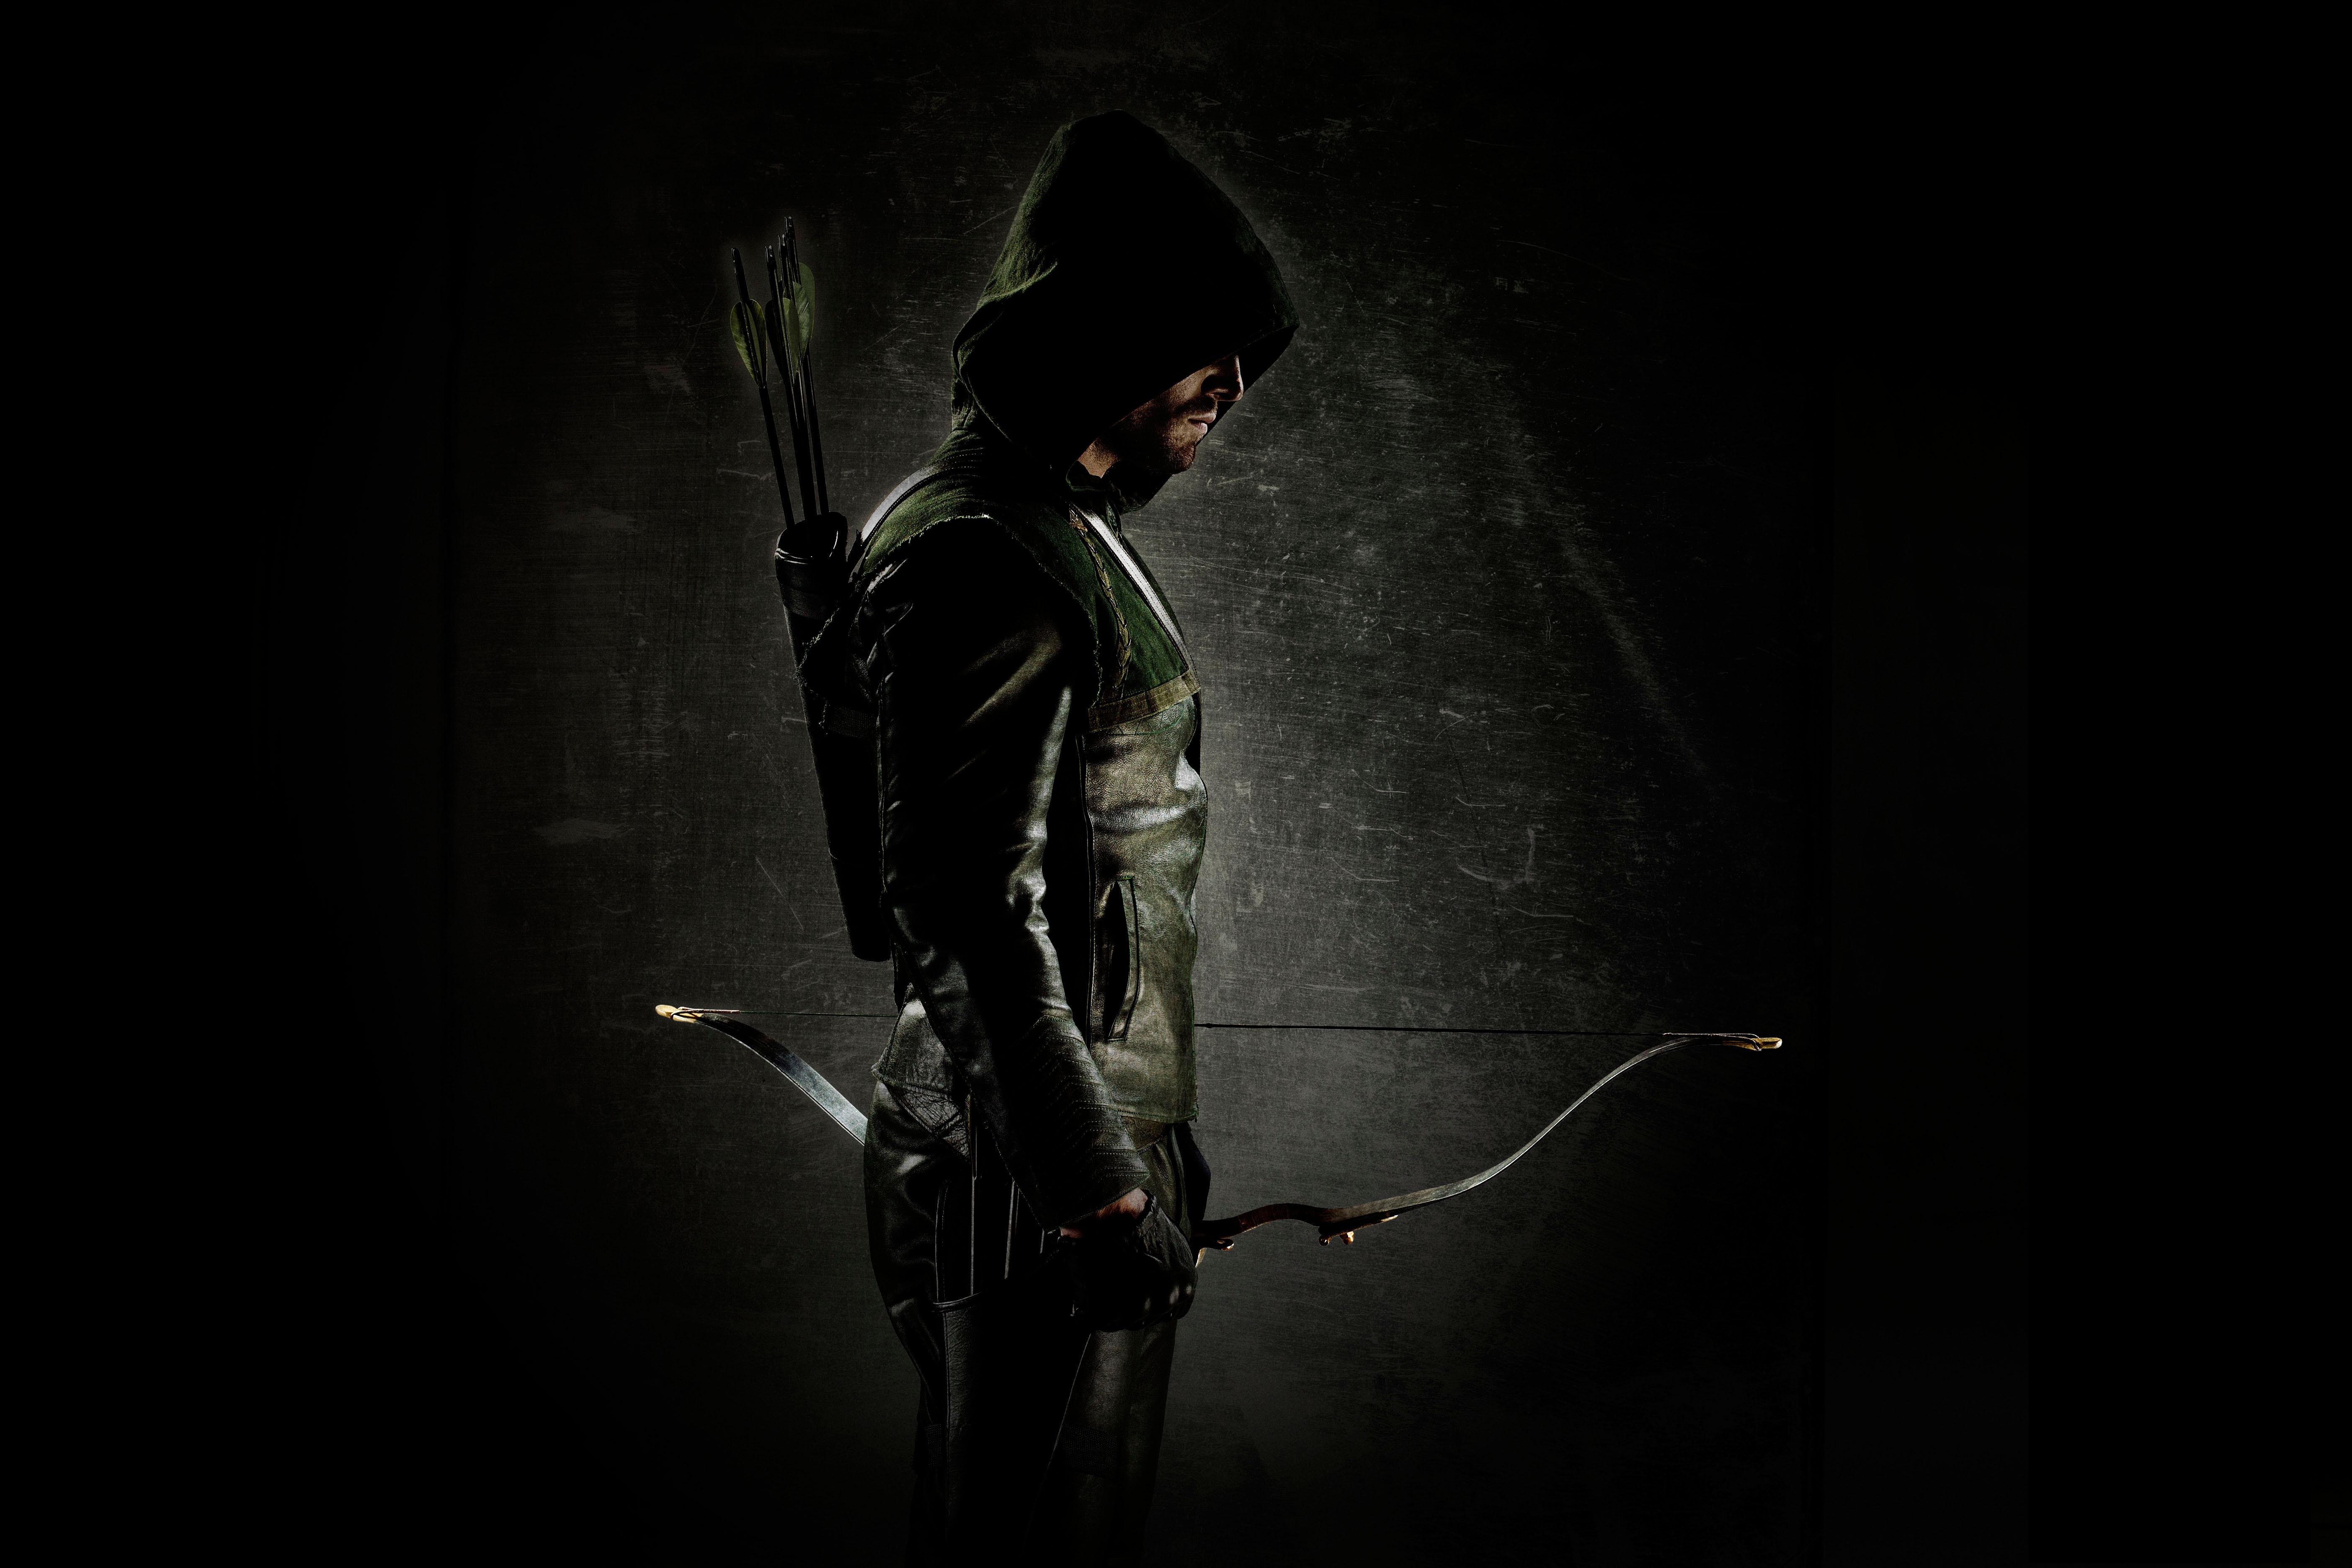 Картинка: Зелёная стрела, green arrow, лук, стрелы, супергерой, капюшон